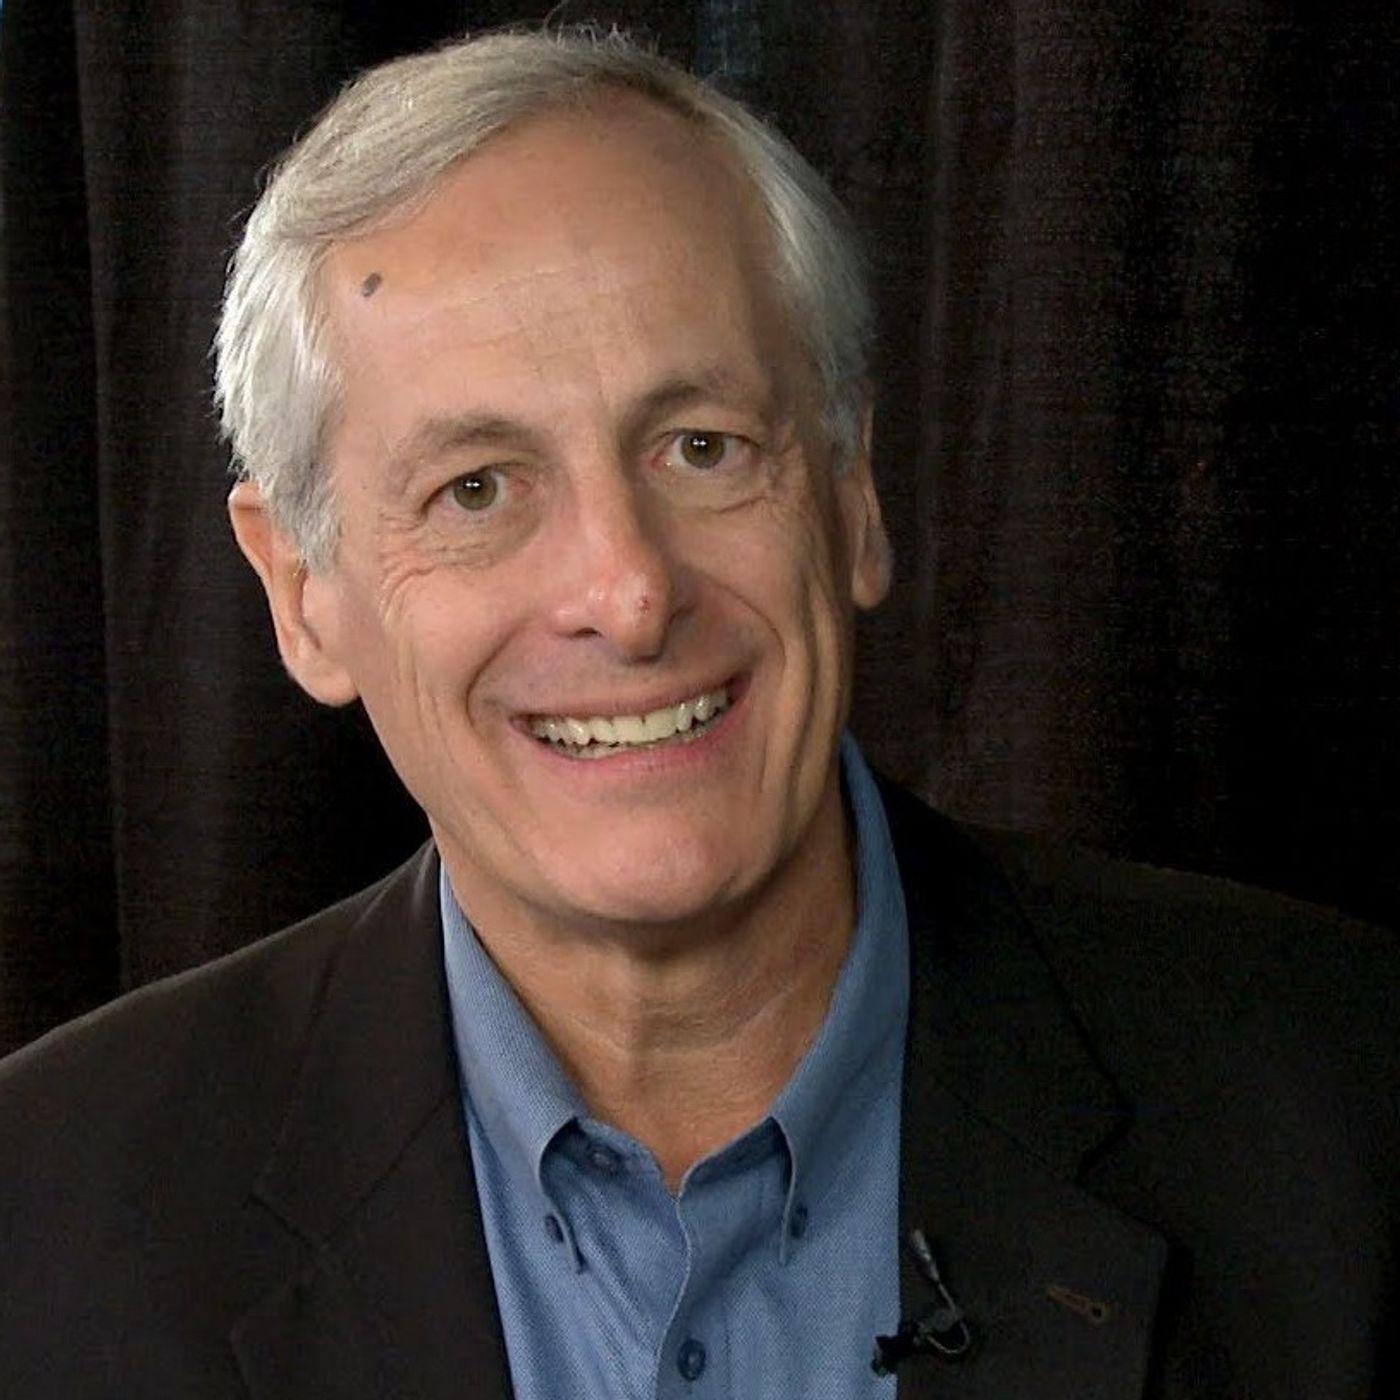 Episode 4 - Bill Reichert, Startup Guru